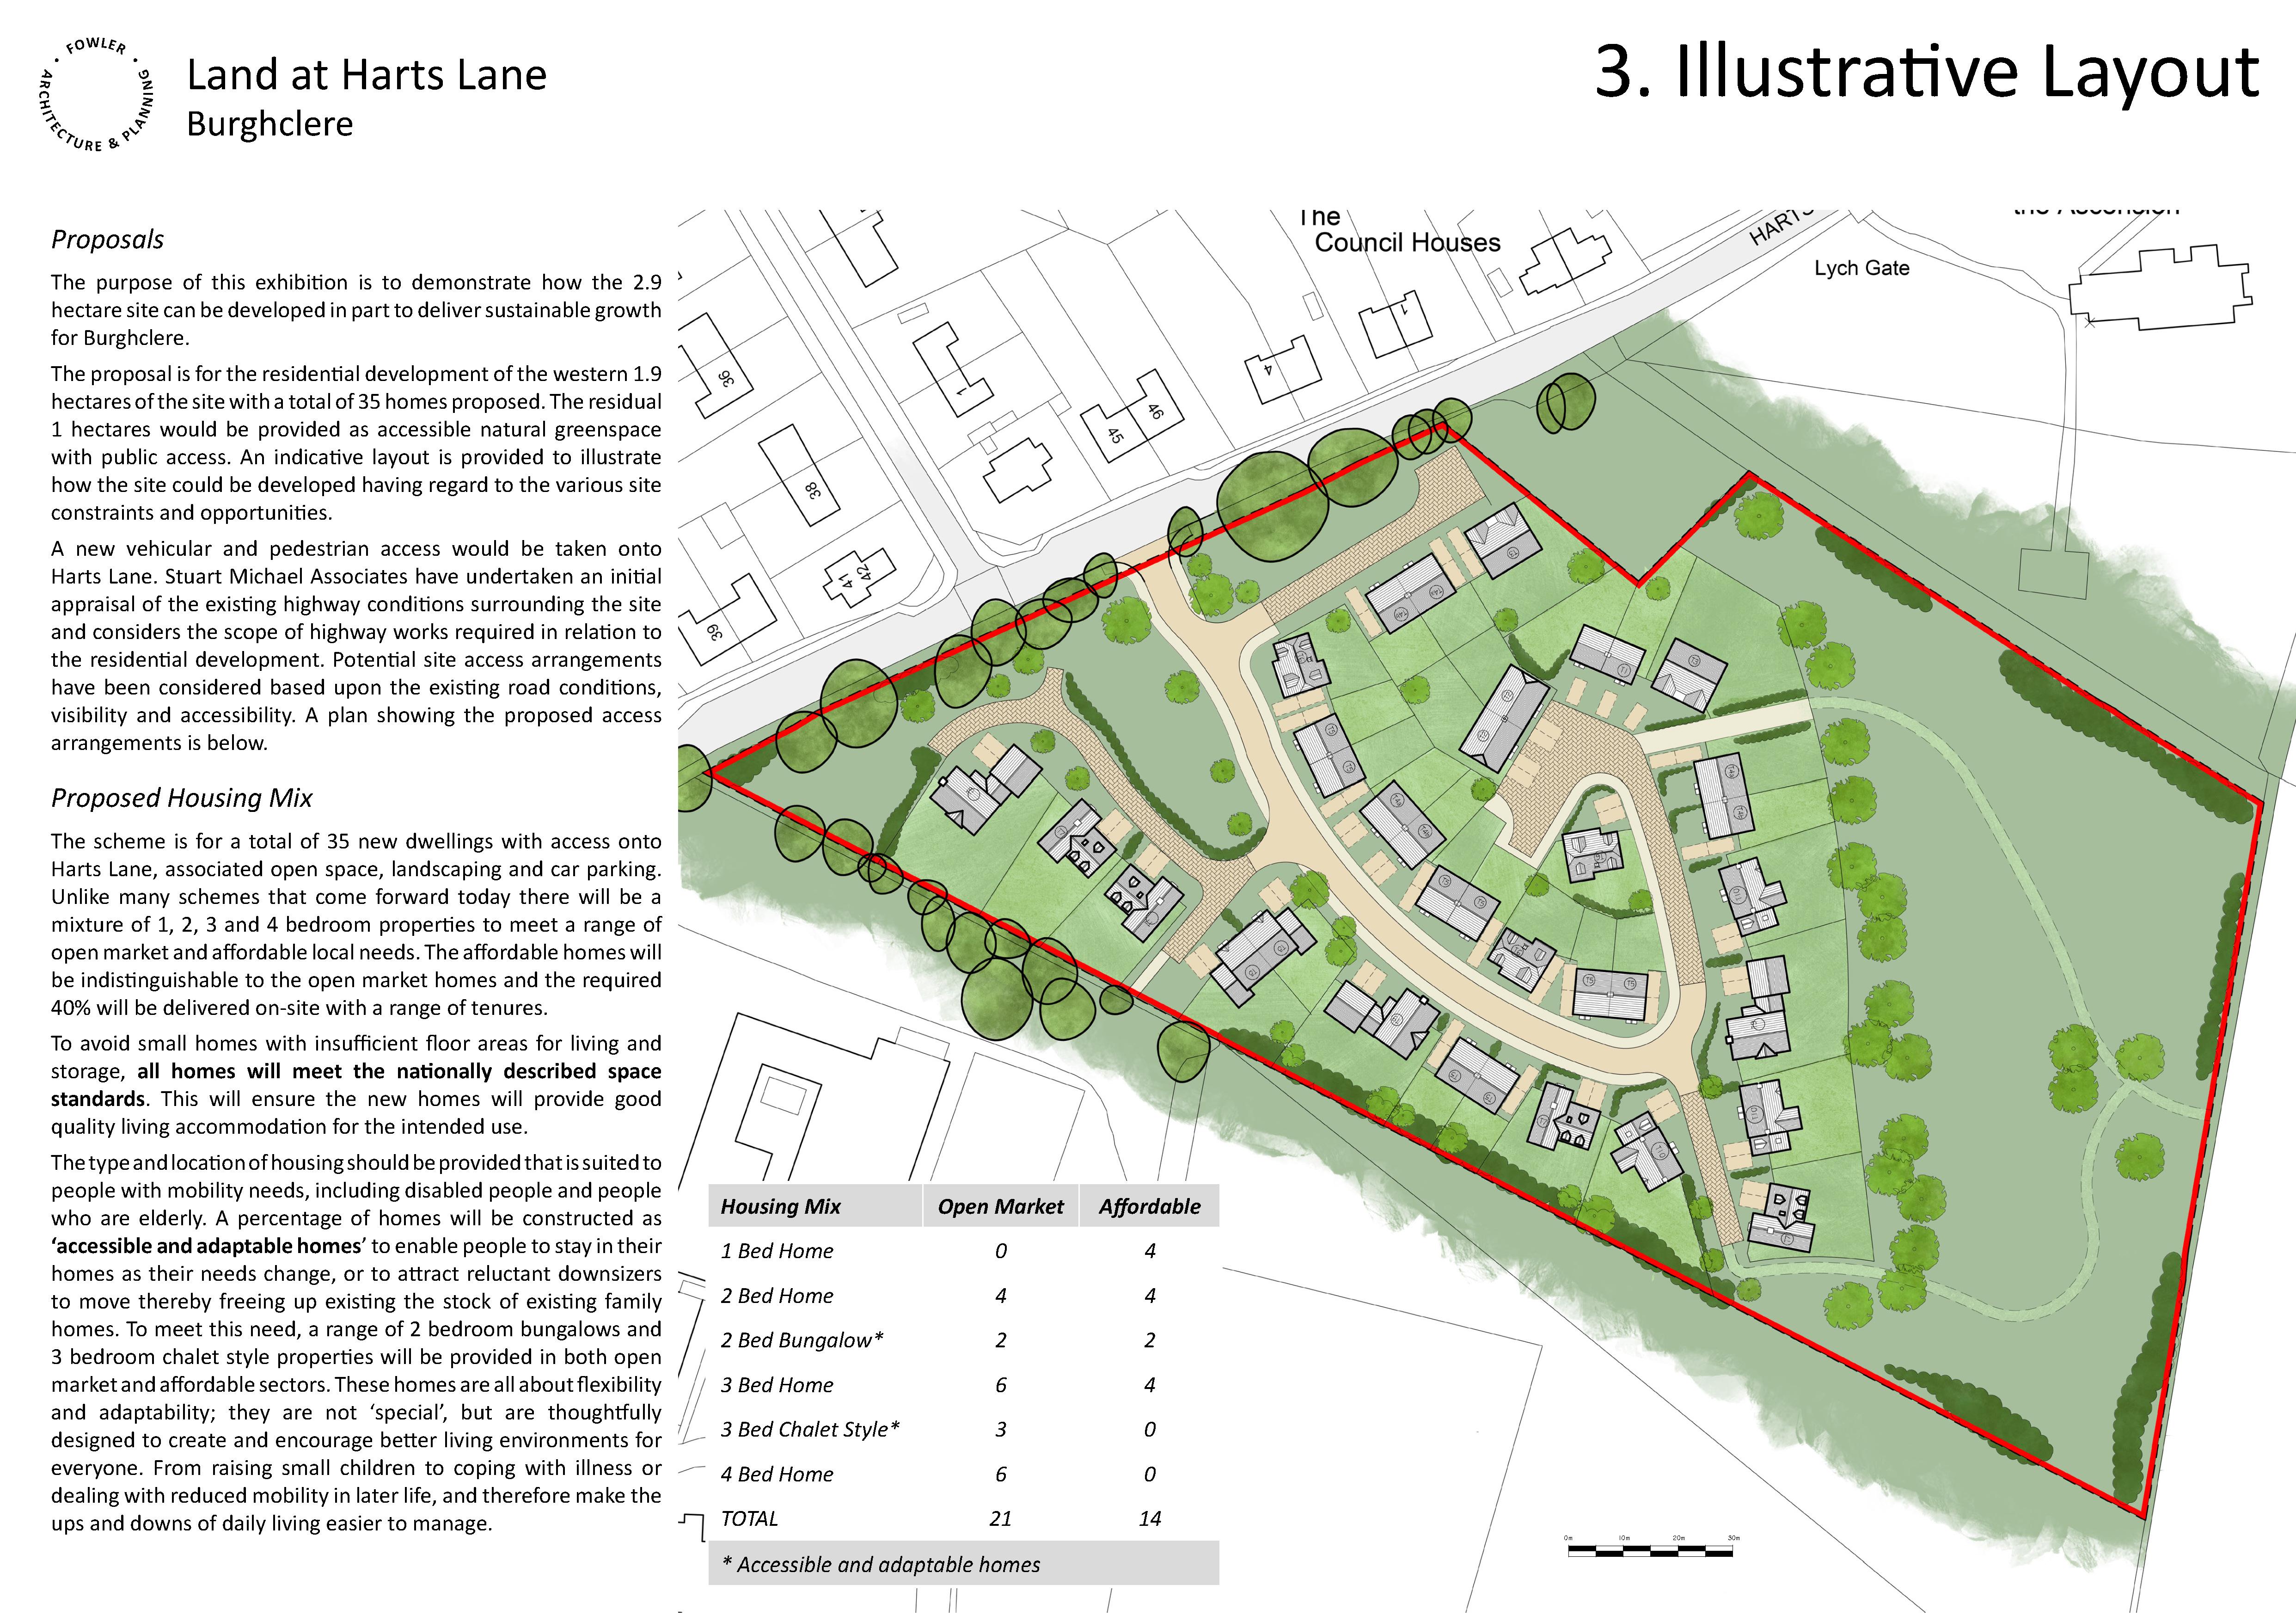 Land at Harts Lane, Burghclere - Board 3